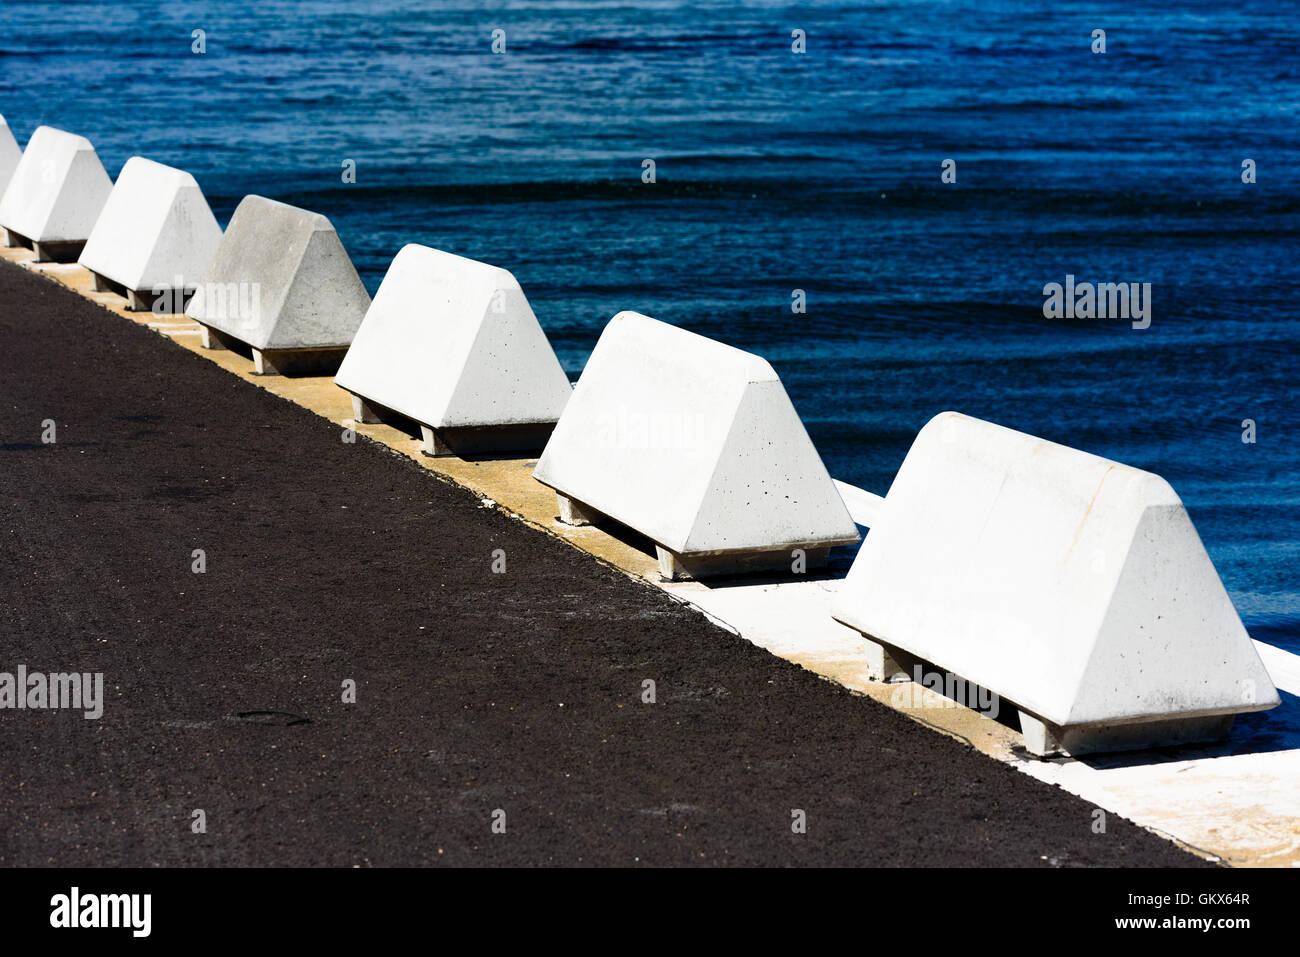 Dreieckige Betonsteinen stehen in einer Reihe entlang am Hafen zu verhindern, dass Datenverkehr der Kante fahren. Stockbild